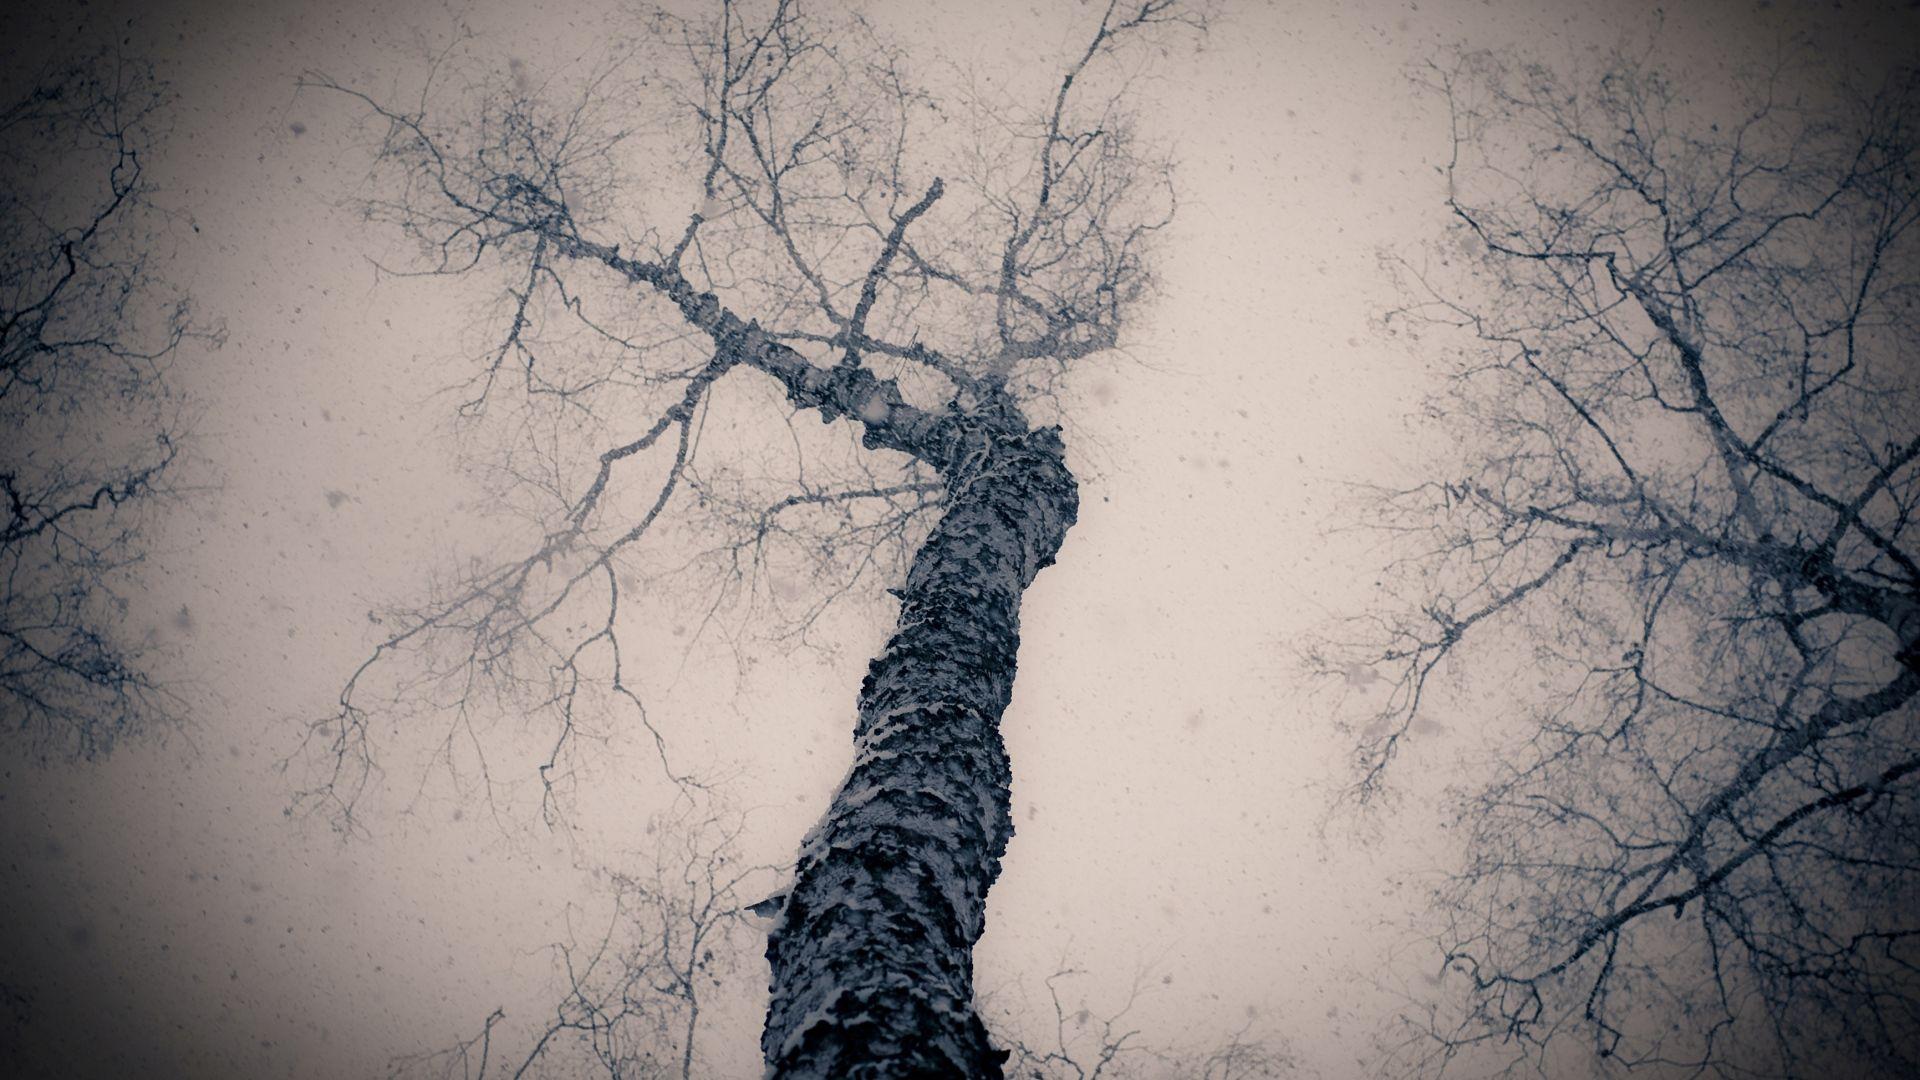 Tree Branch Wallpaper Theme